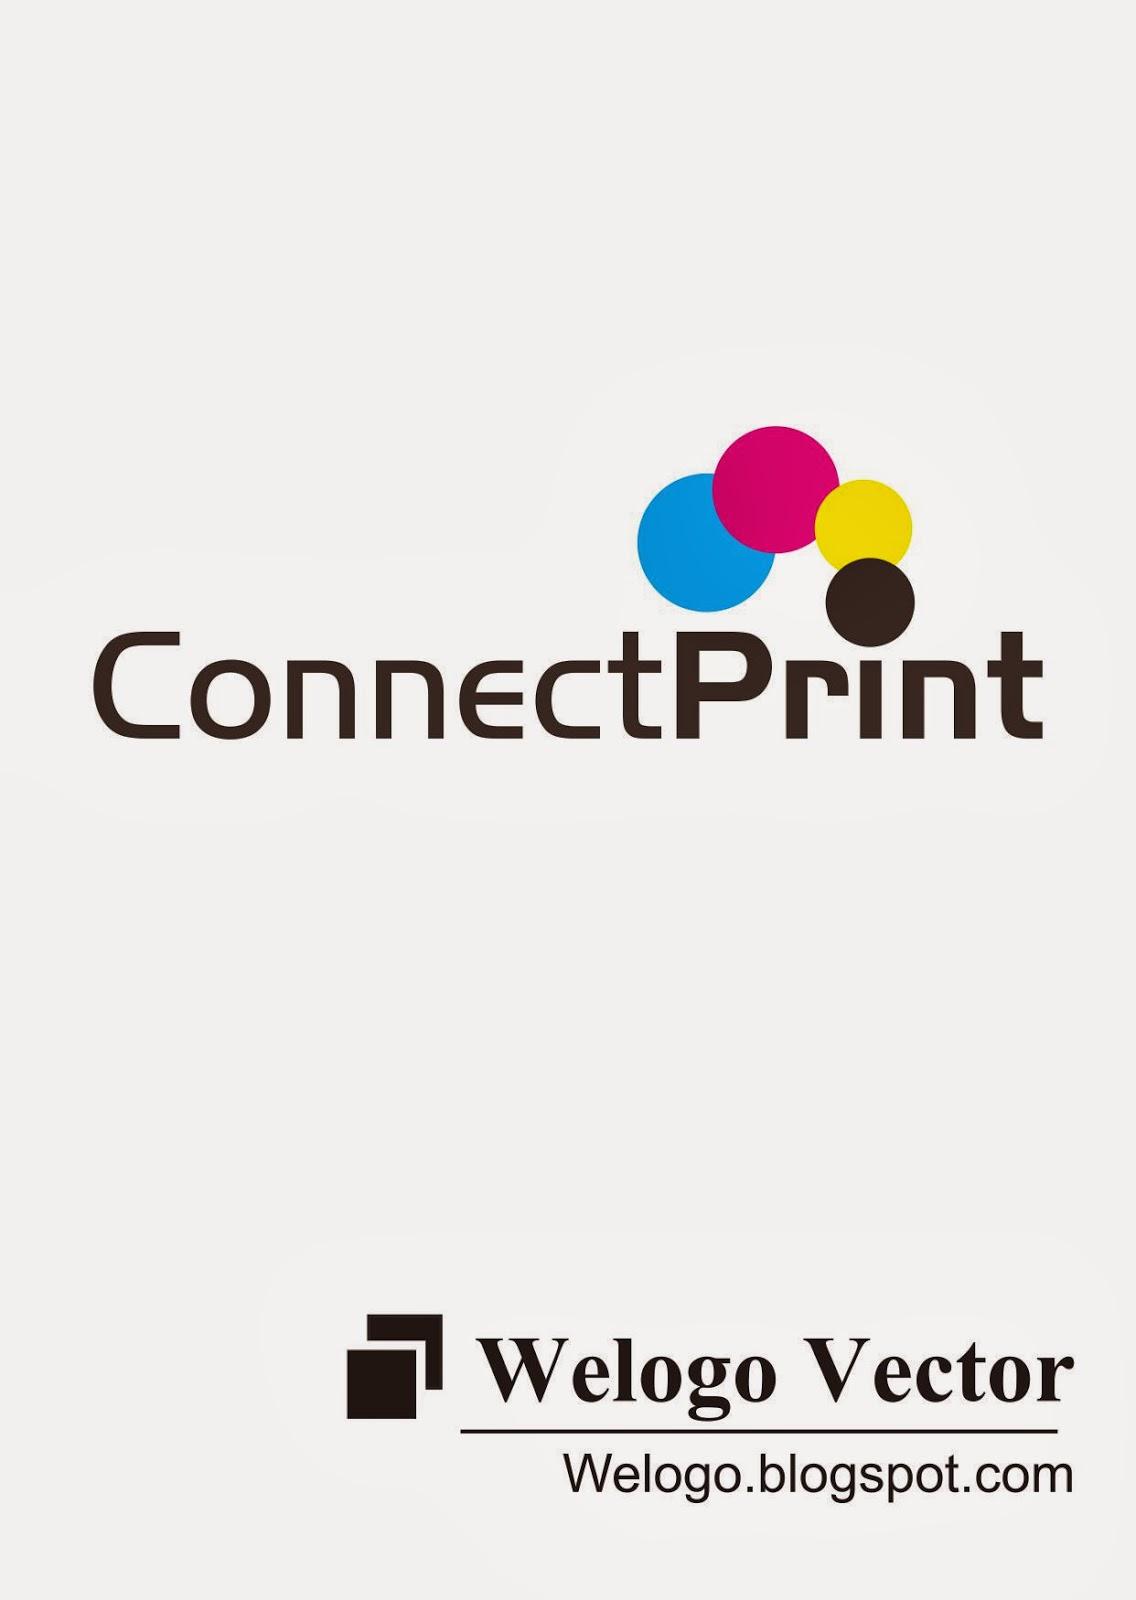 ConnectPrint Logo